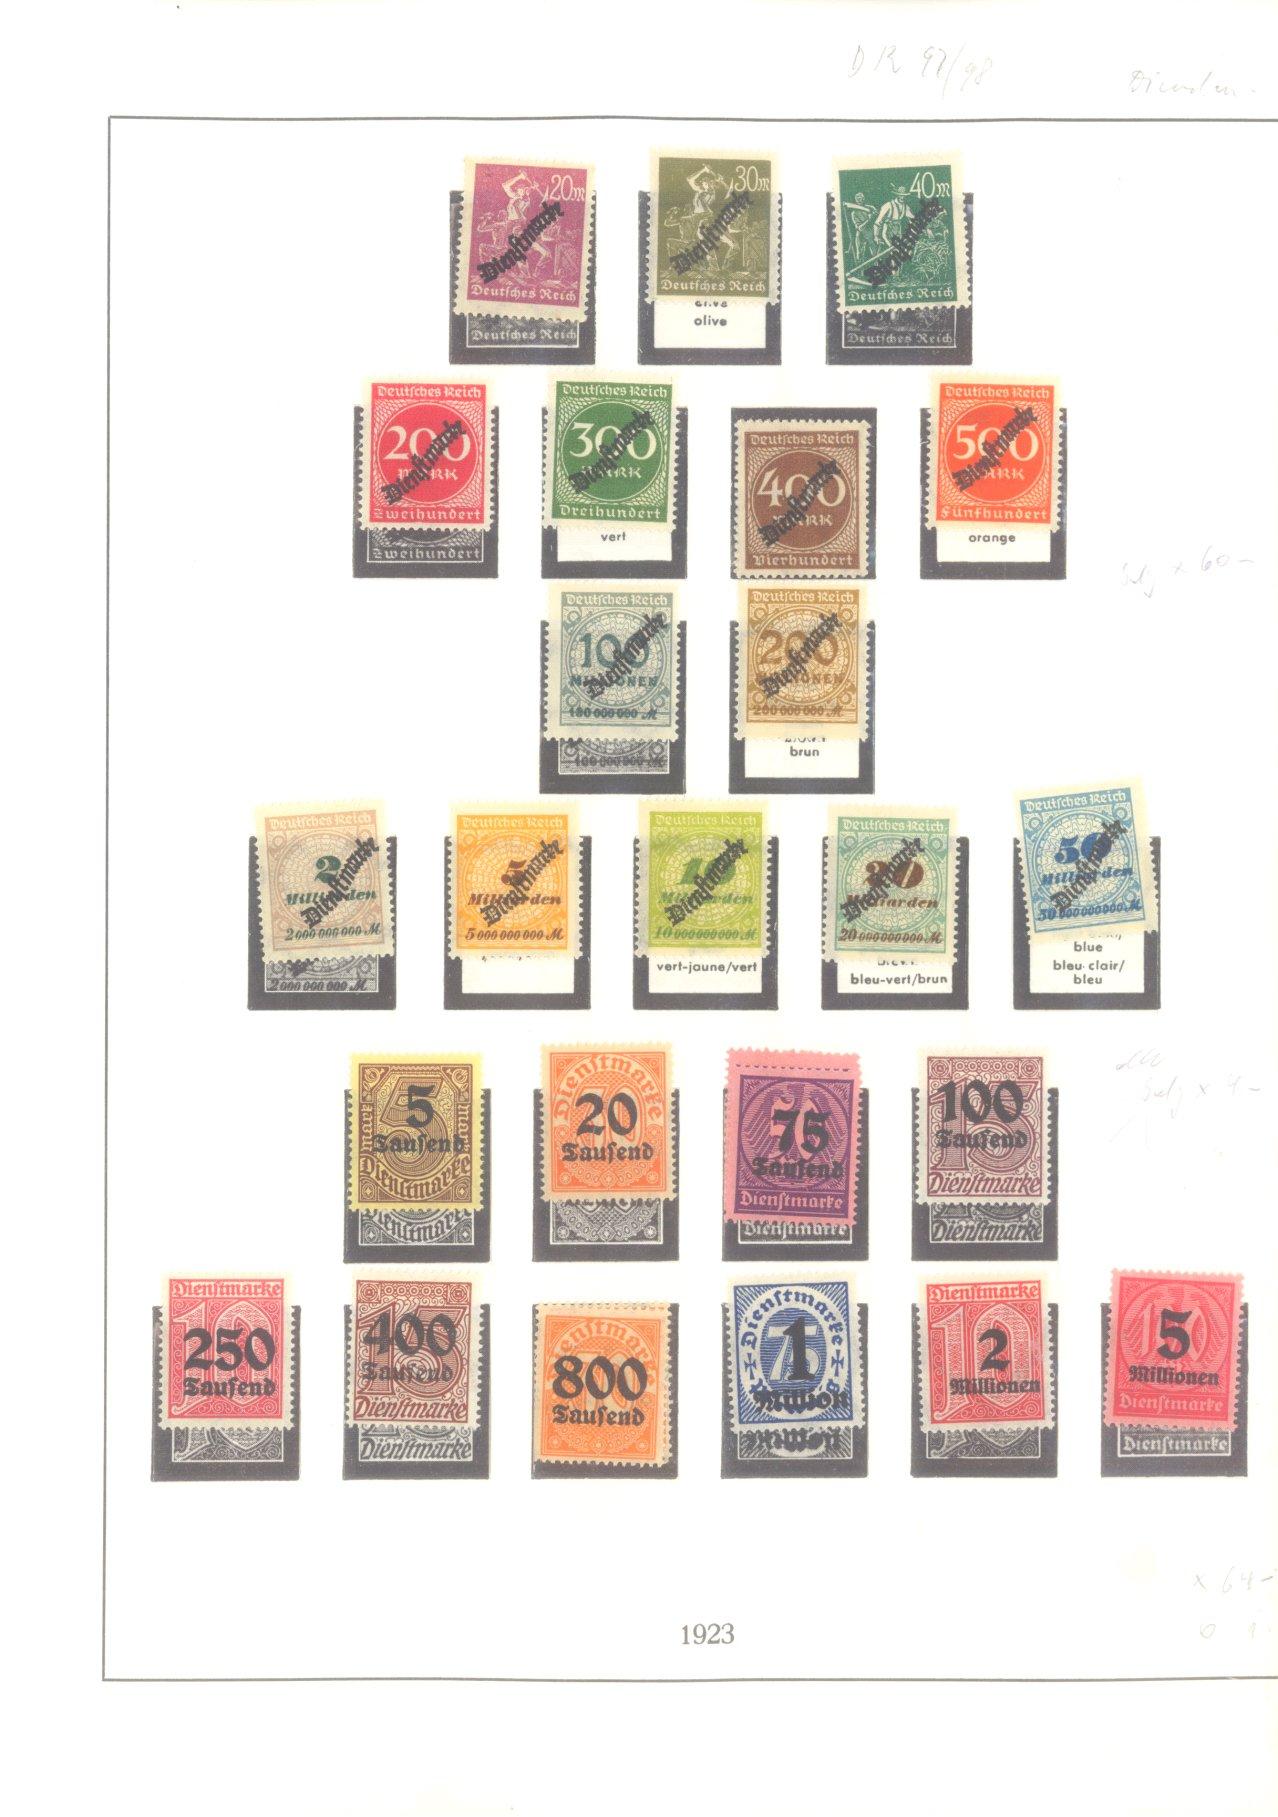 DEUTSCHES REICH – INFLATIONSZEIT 1916-1923-17